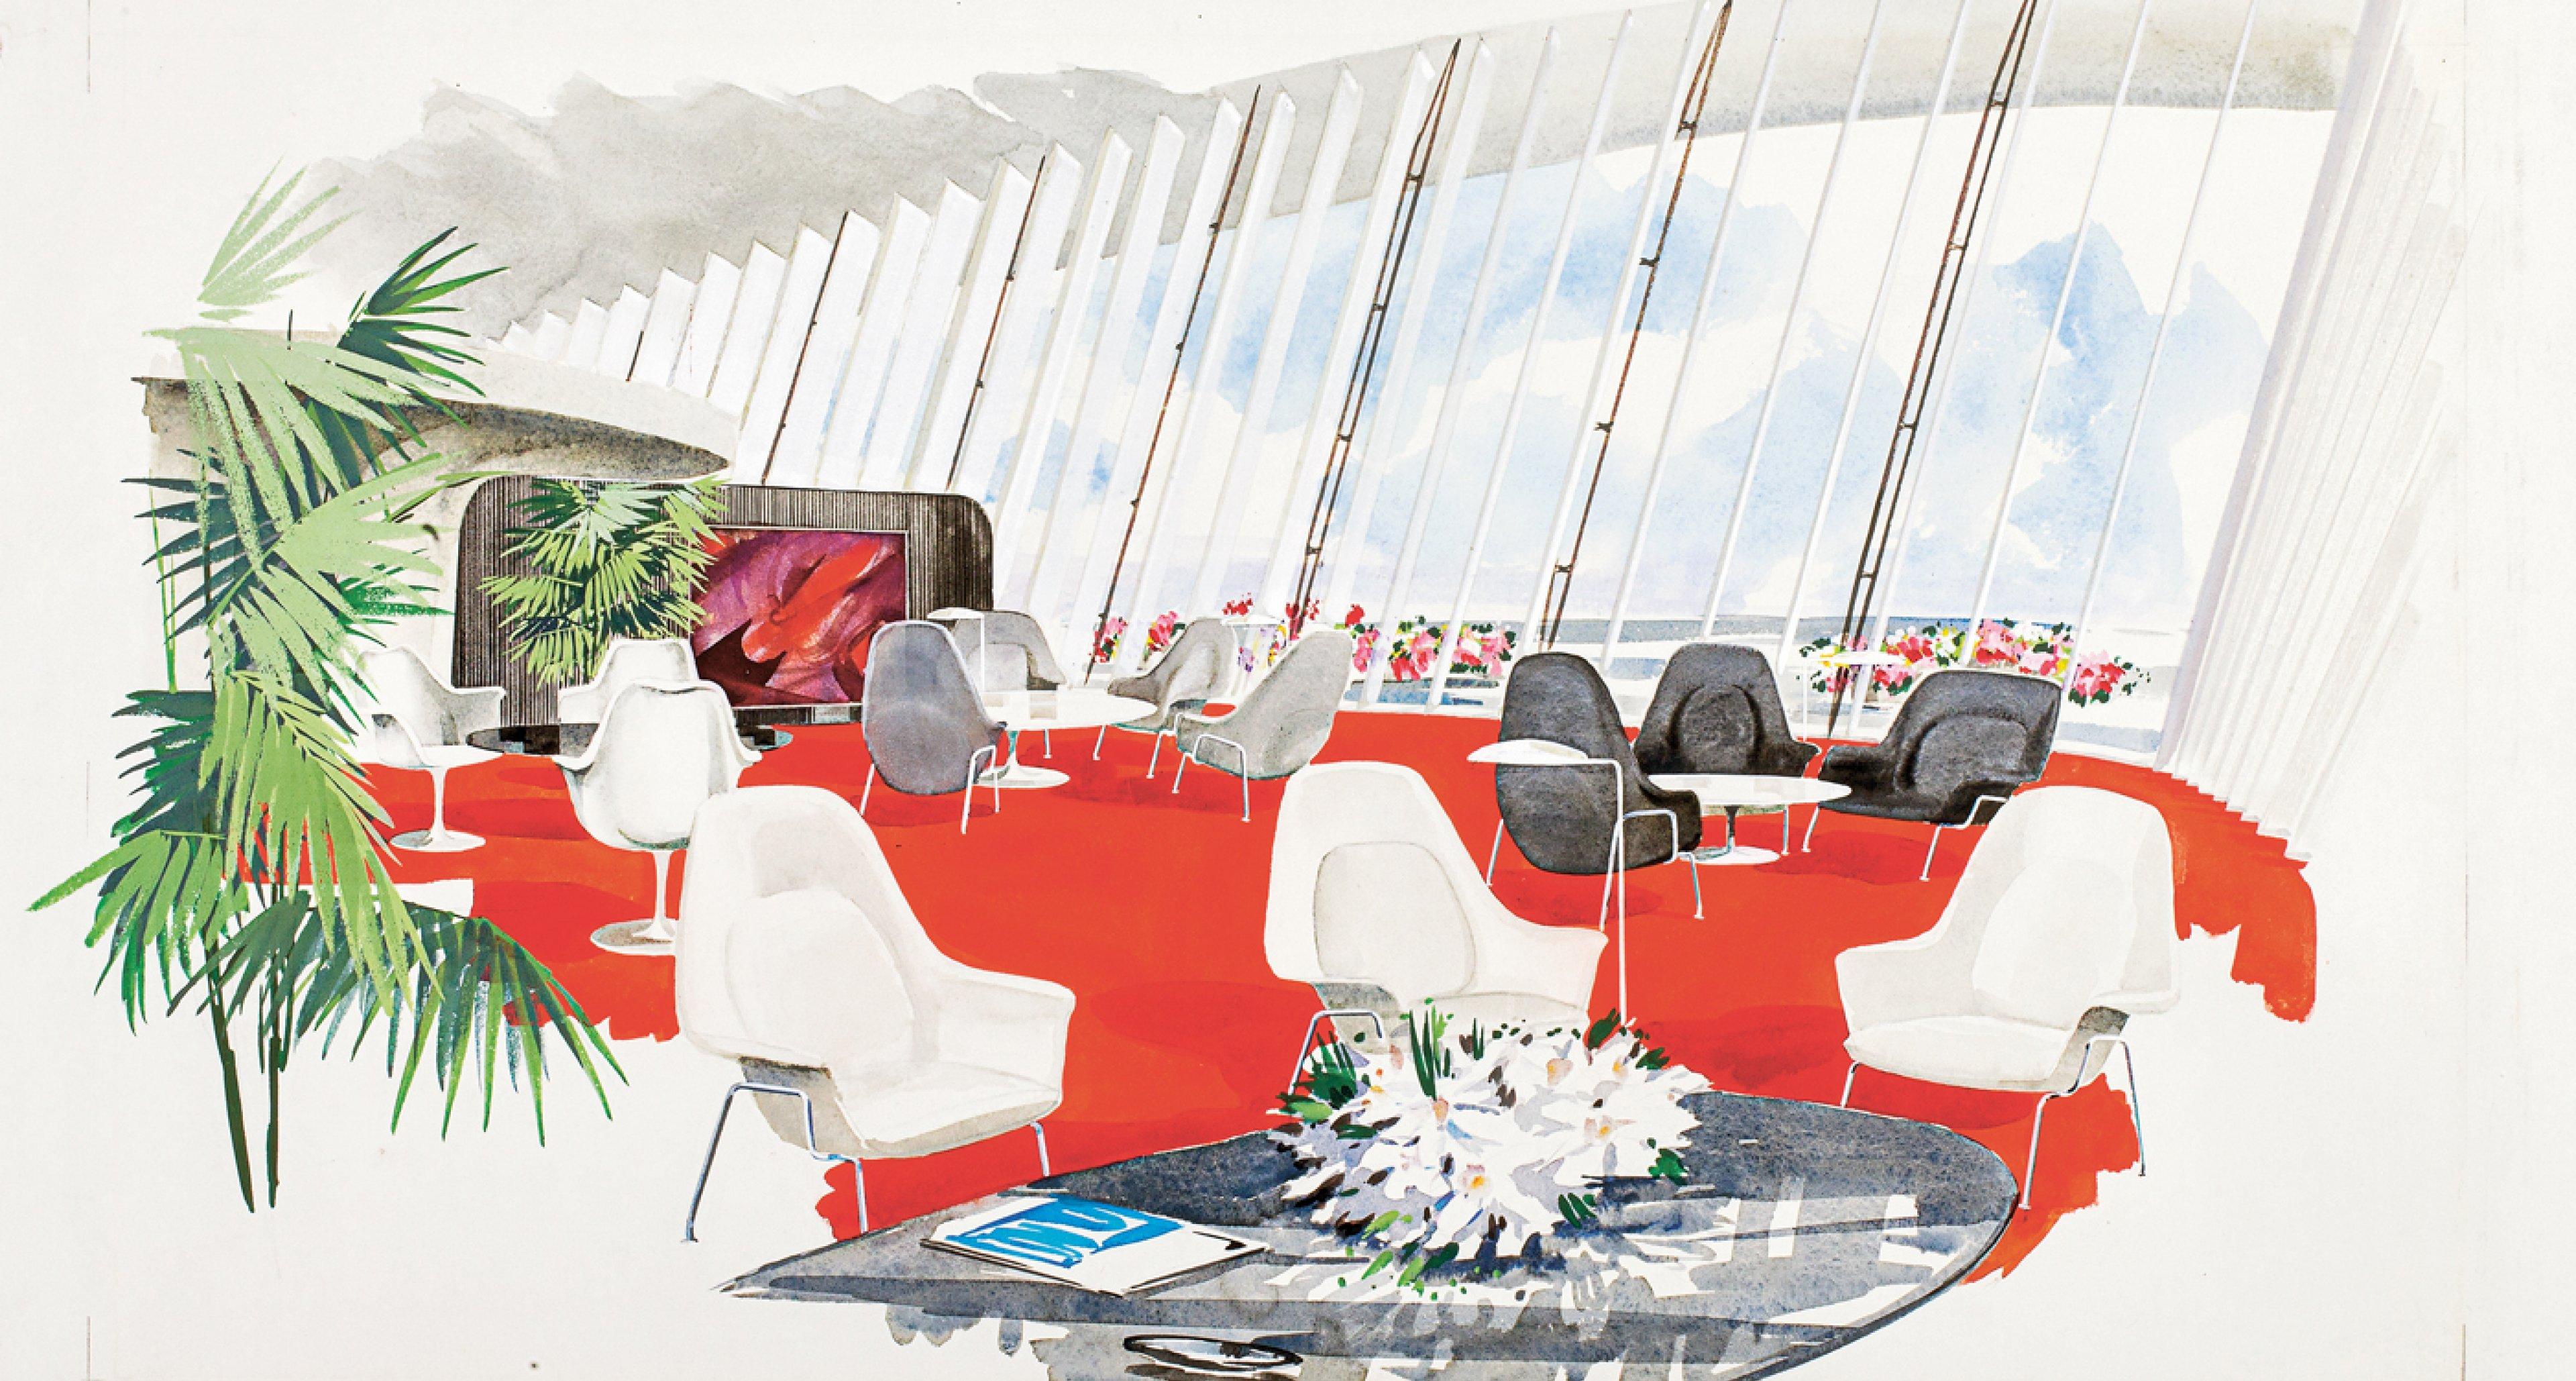 Zeichnung Innenansicht, Ambassador Lounge. Die öffentlichen Bereiche sind aufwendig gestaltet und entsprechen der TWA-Unternehmensoptik. © Illustrator ubk./Eero Saarinen Collection (MS 593). Manuscripts and Archives, Yale University Library